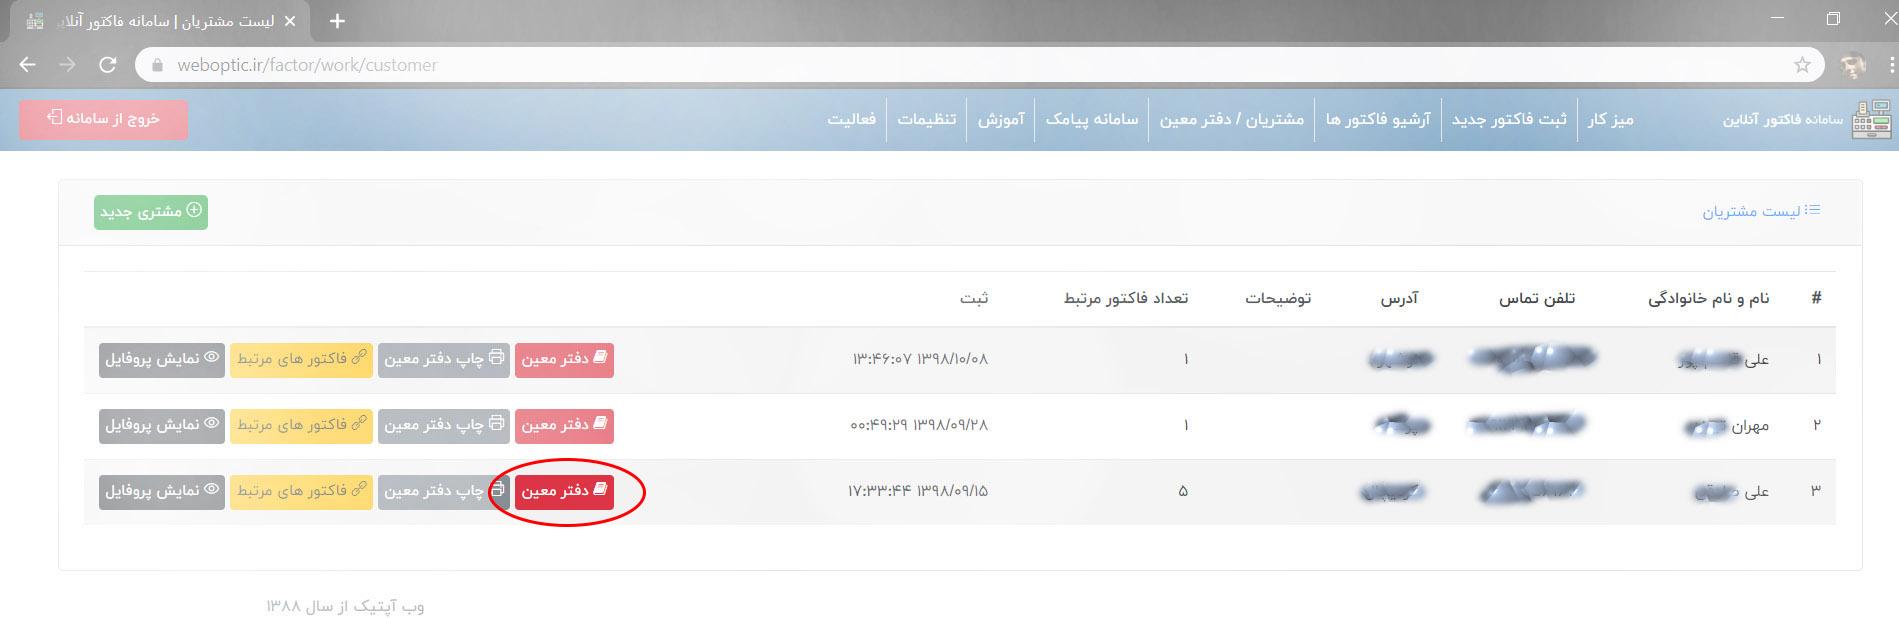 دفتر معین آنلاین رایگان در سامانه فاکتور آنلاین